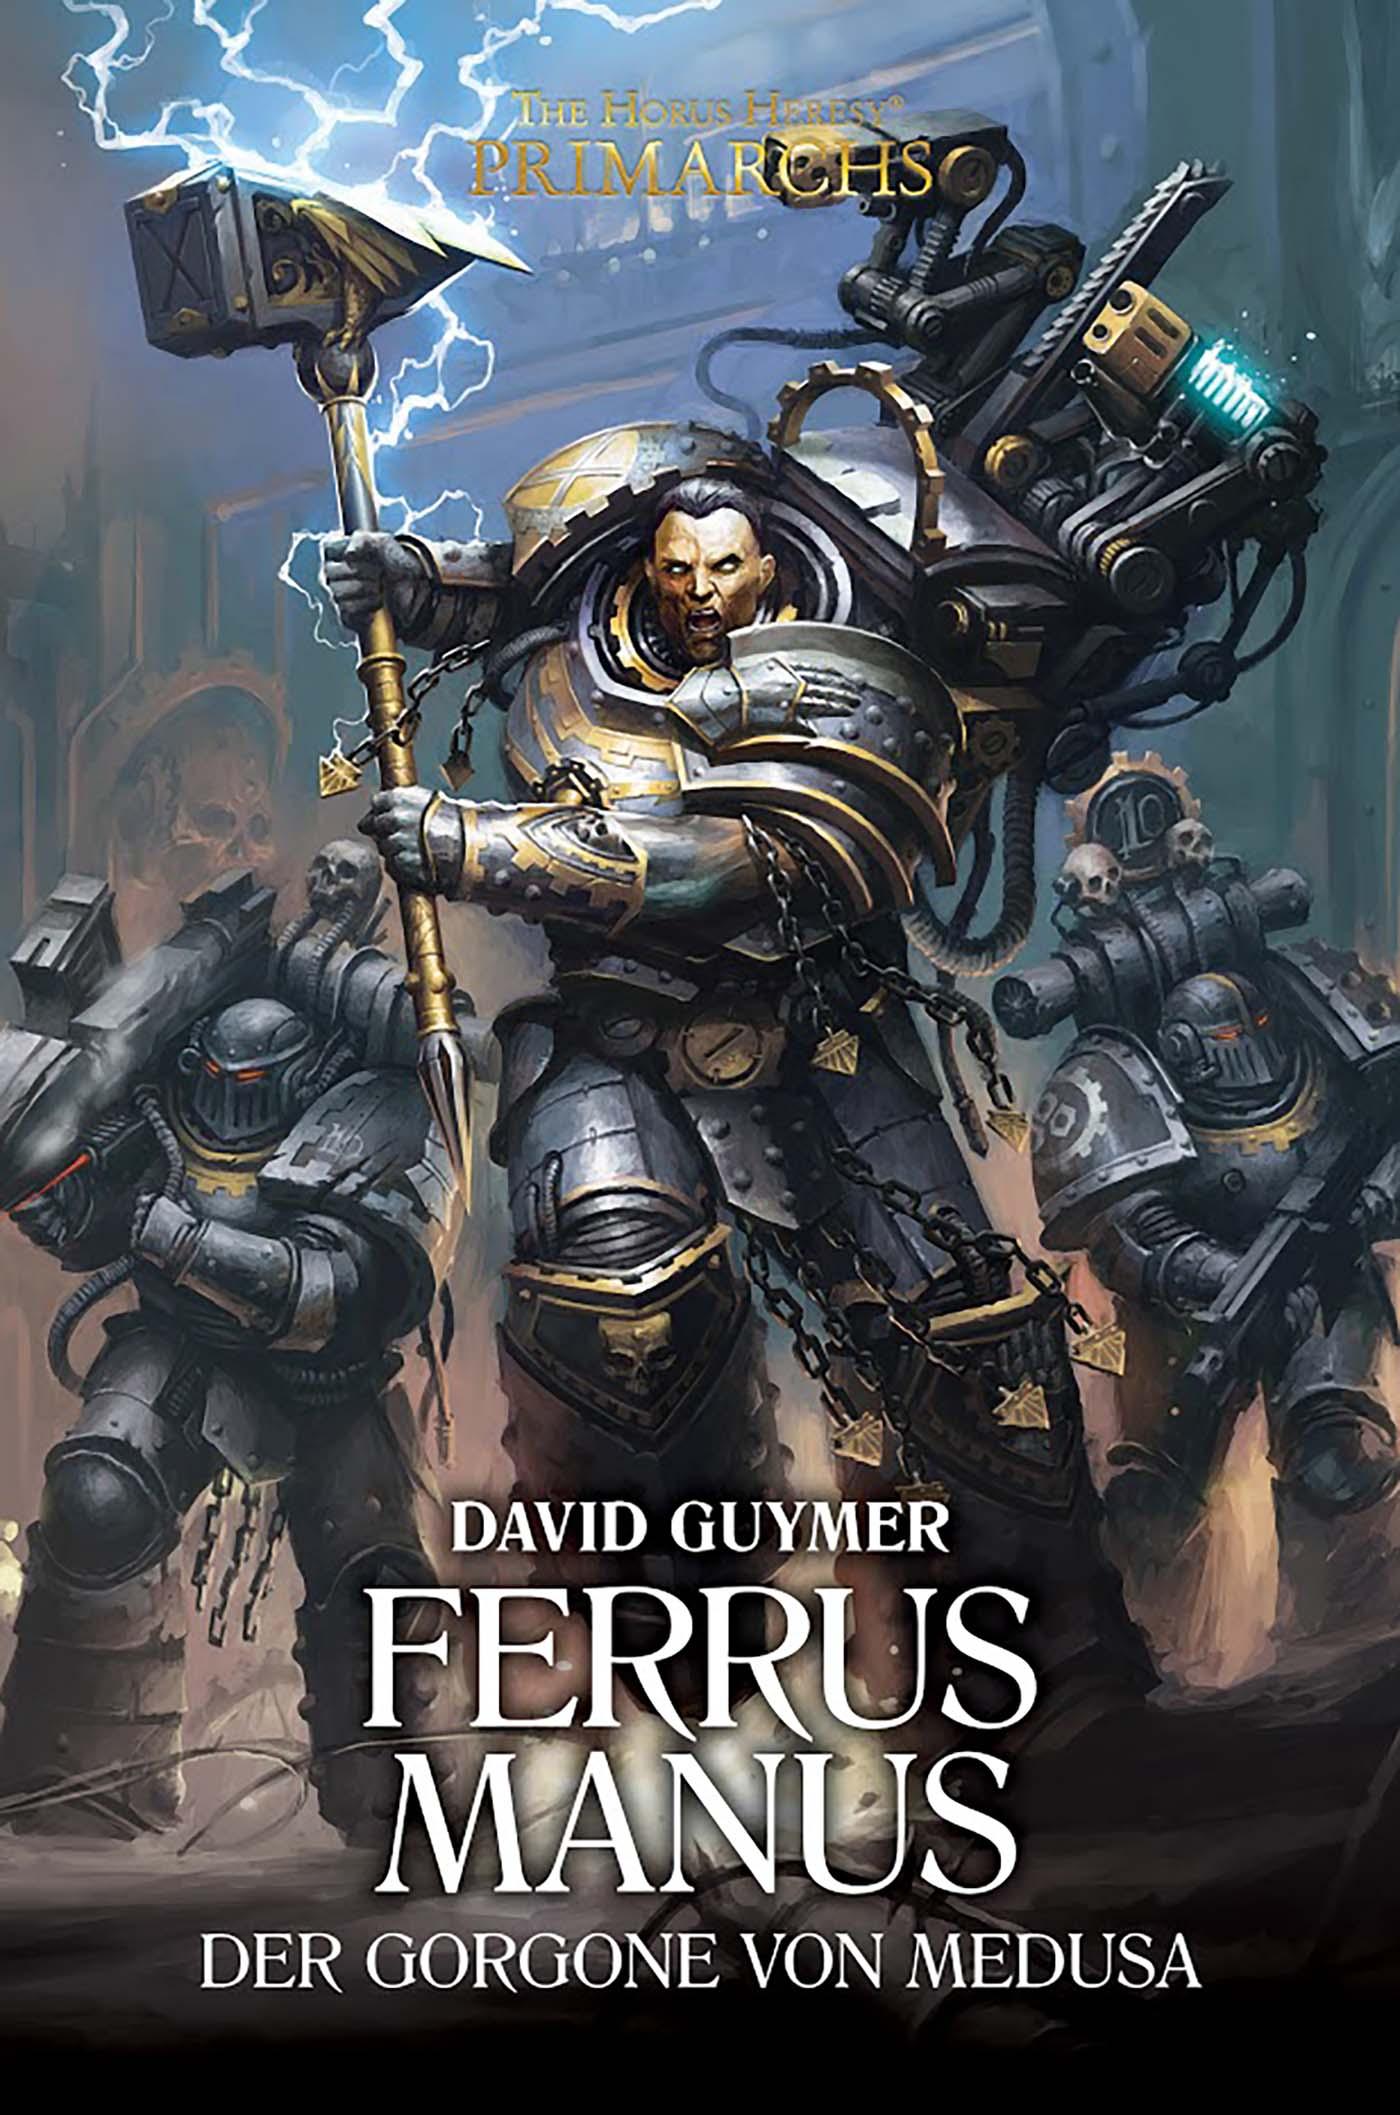 Ferrus Manus - Der Gorgone von Medusa David Guymer 9781781932629